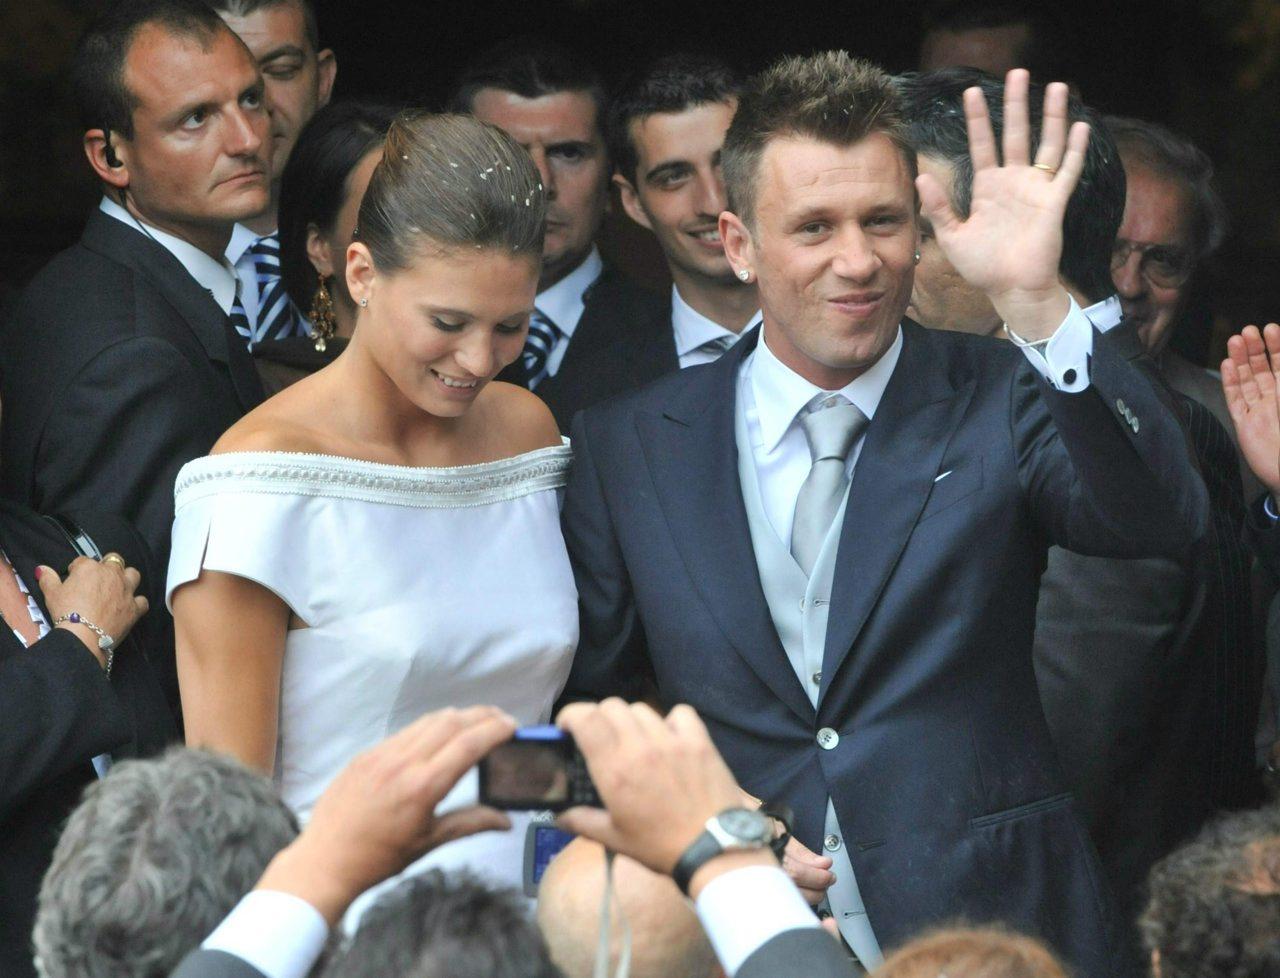 Matrimonio In Tight : Simone inzaghi ha sposato gaia lucariello: il matrimonio a